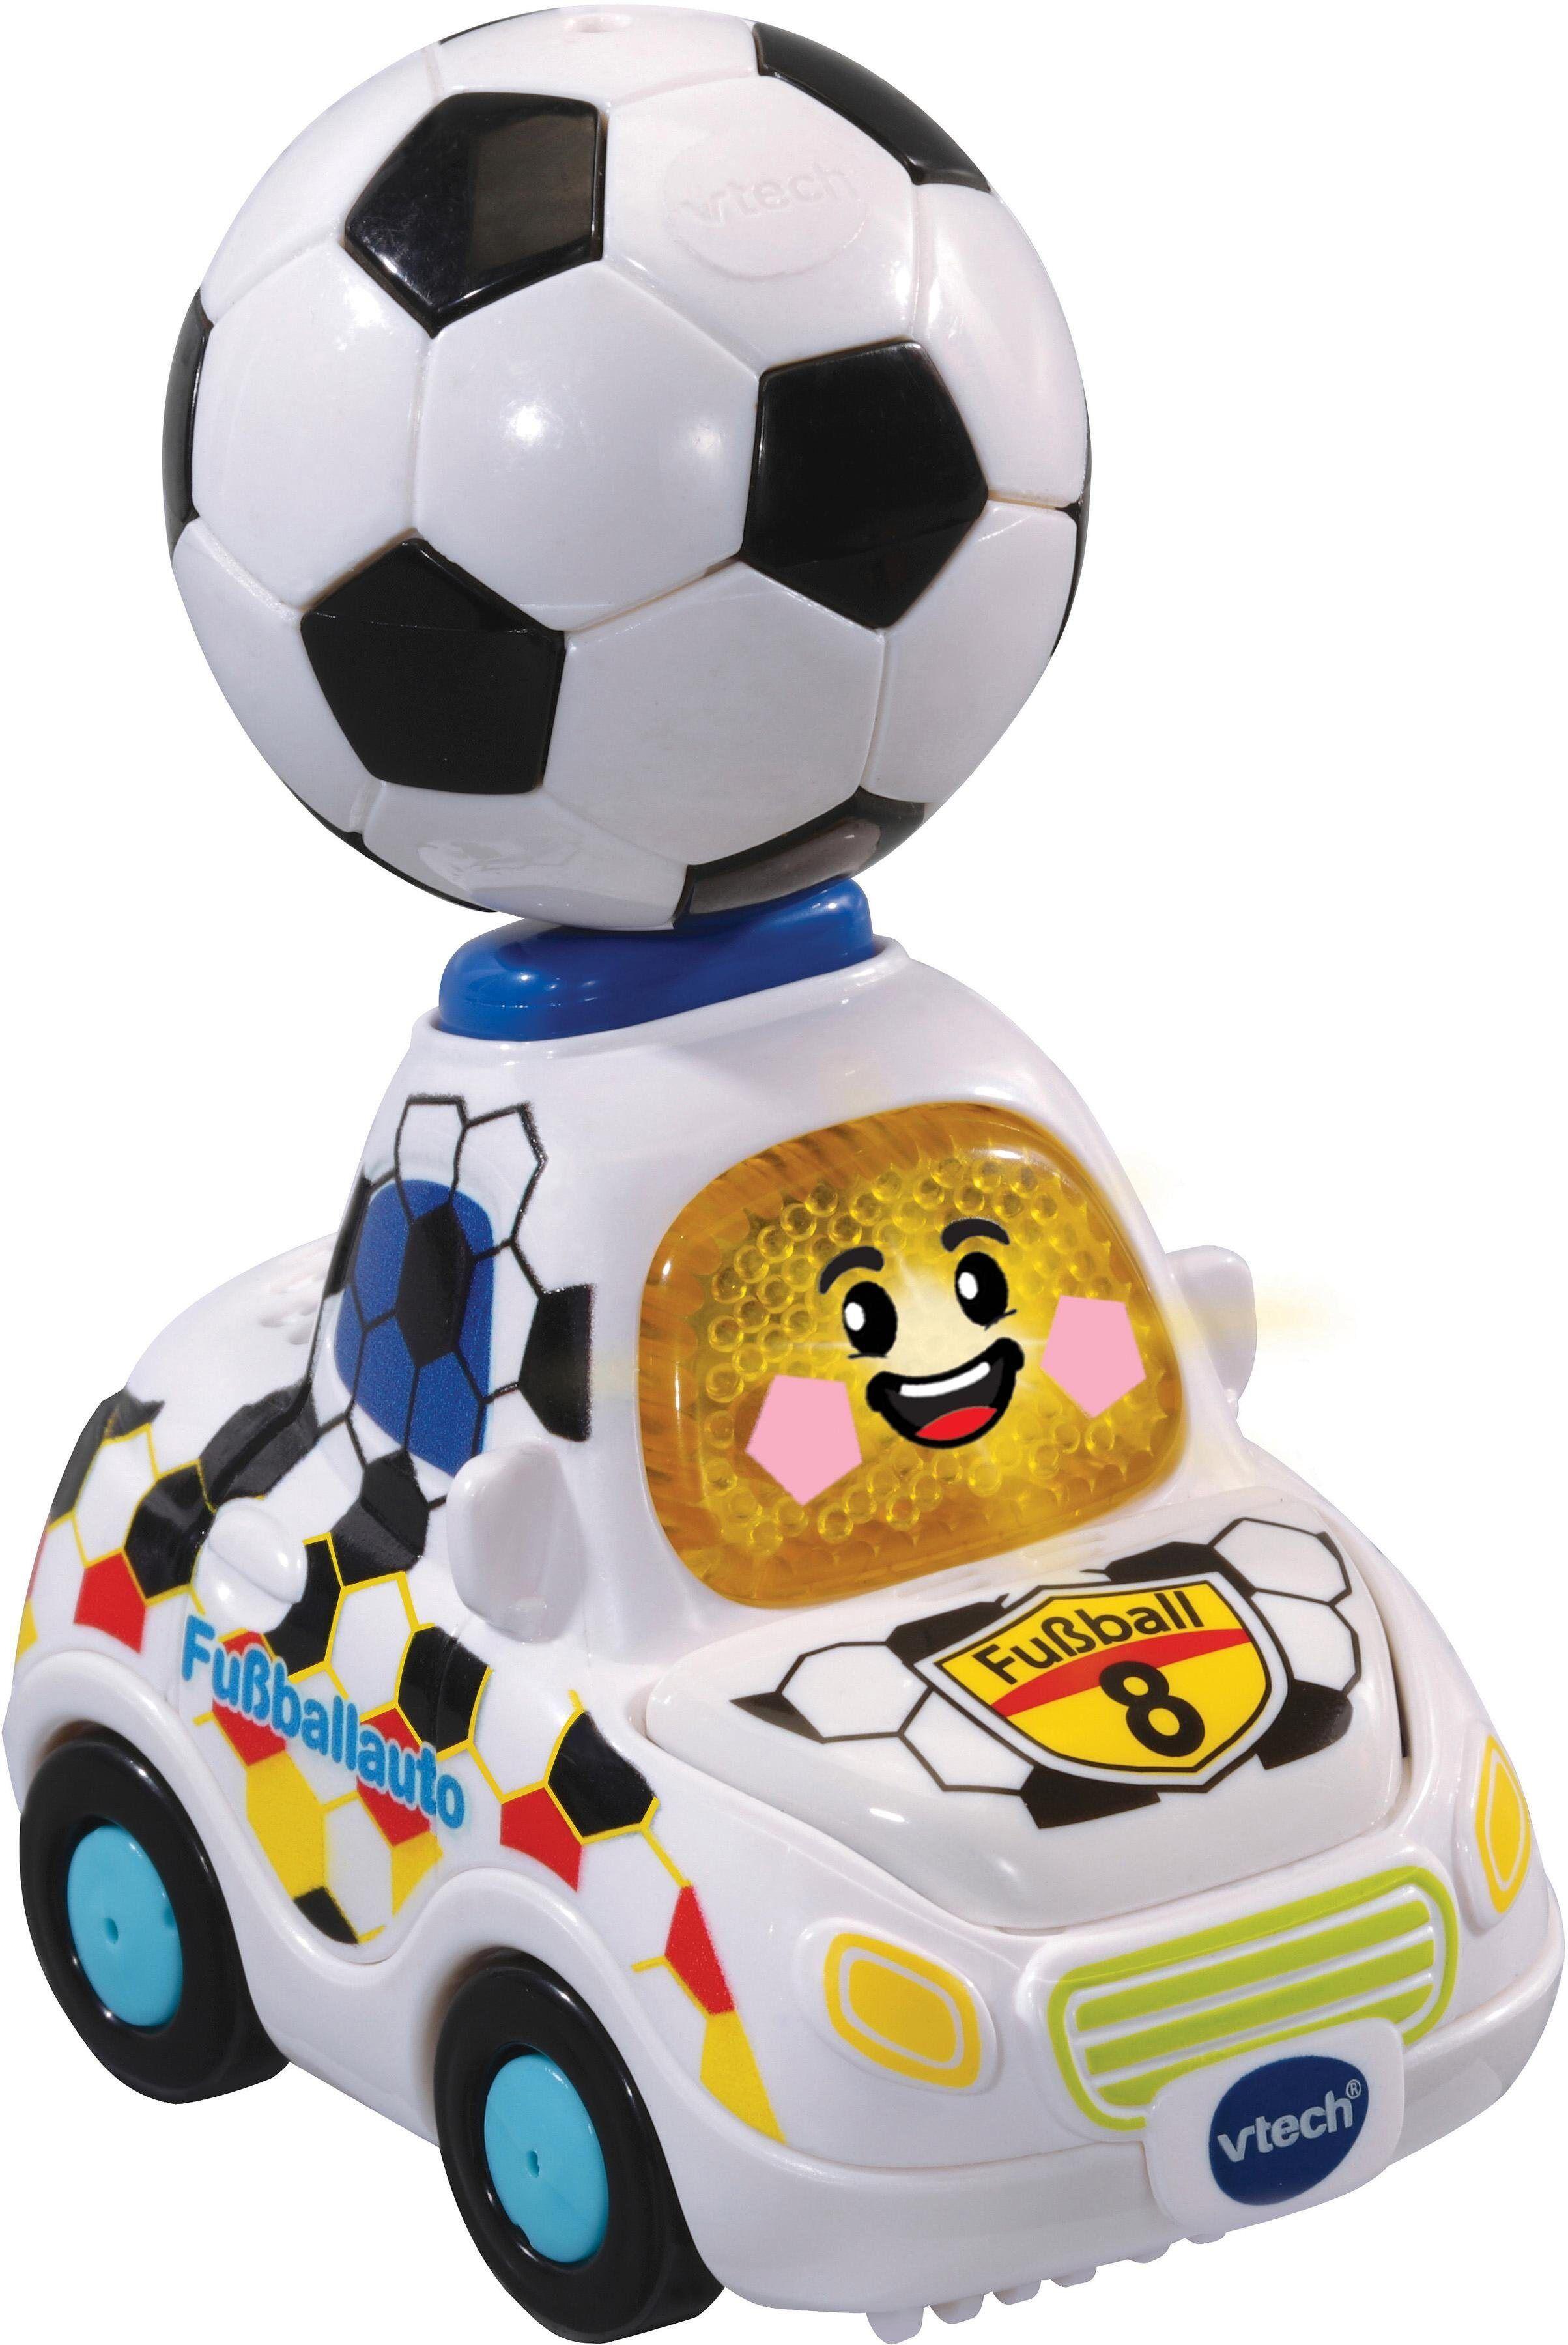 Vtech® Spielzeug-Auto »Tut Tut Baby Flitzer - Special Edition Fußballauto«